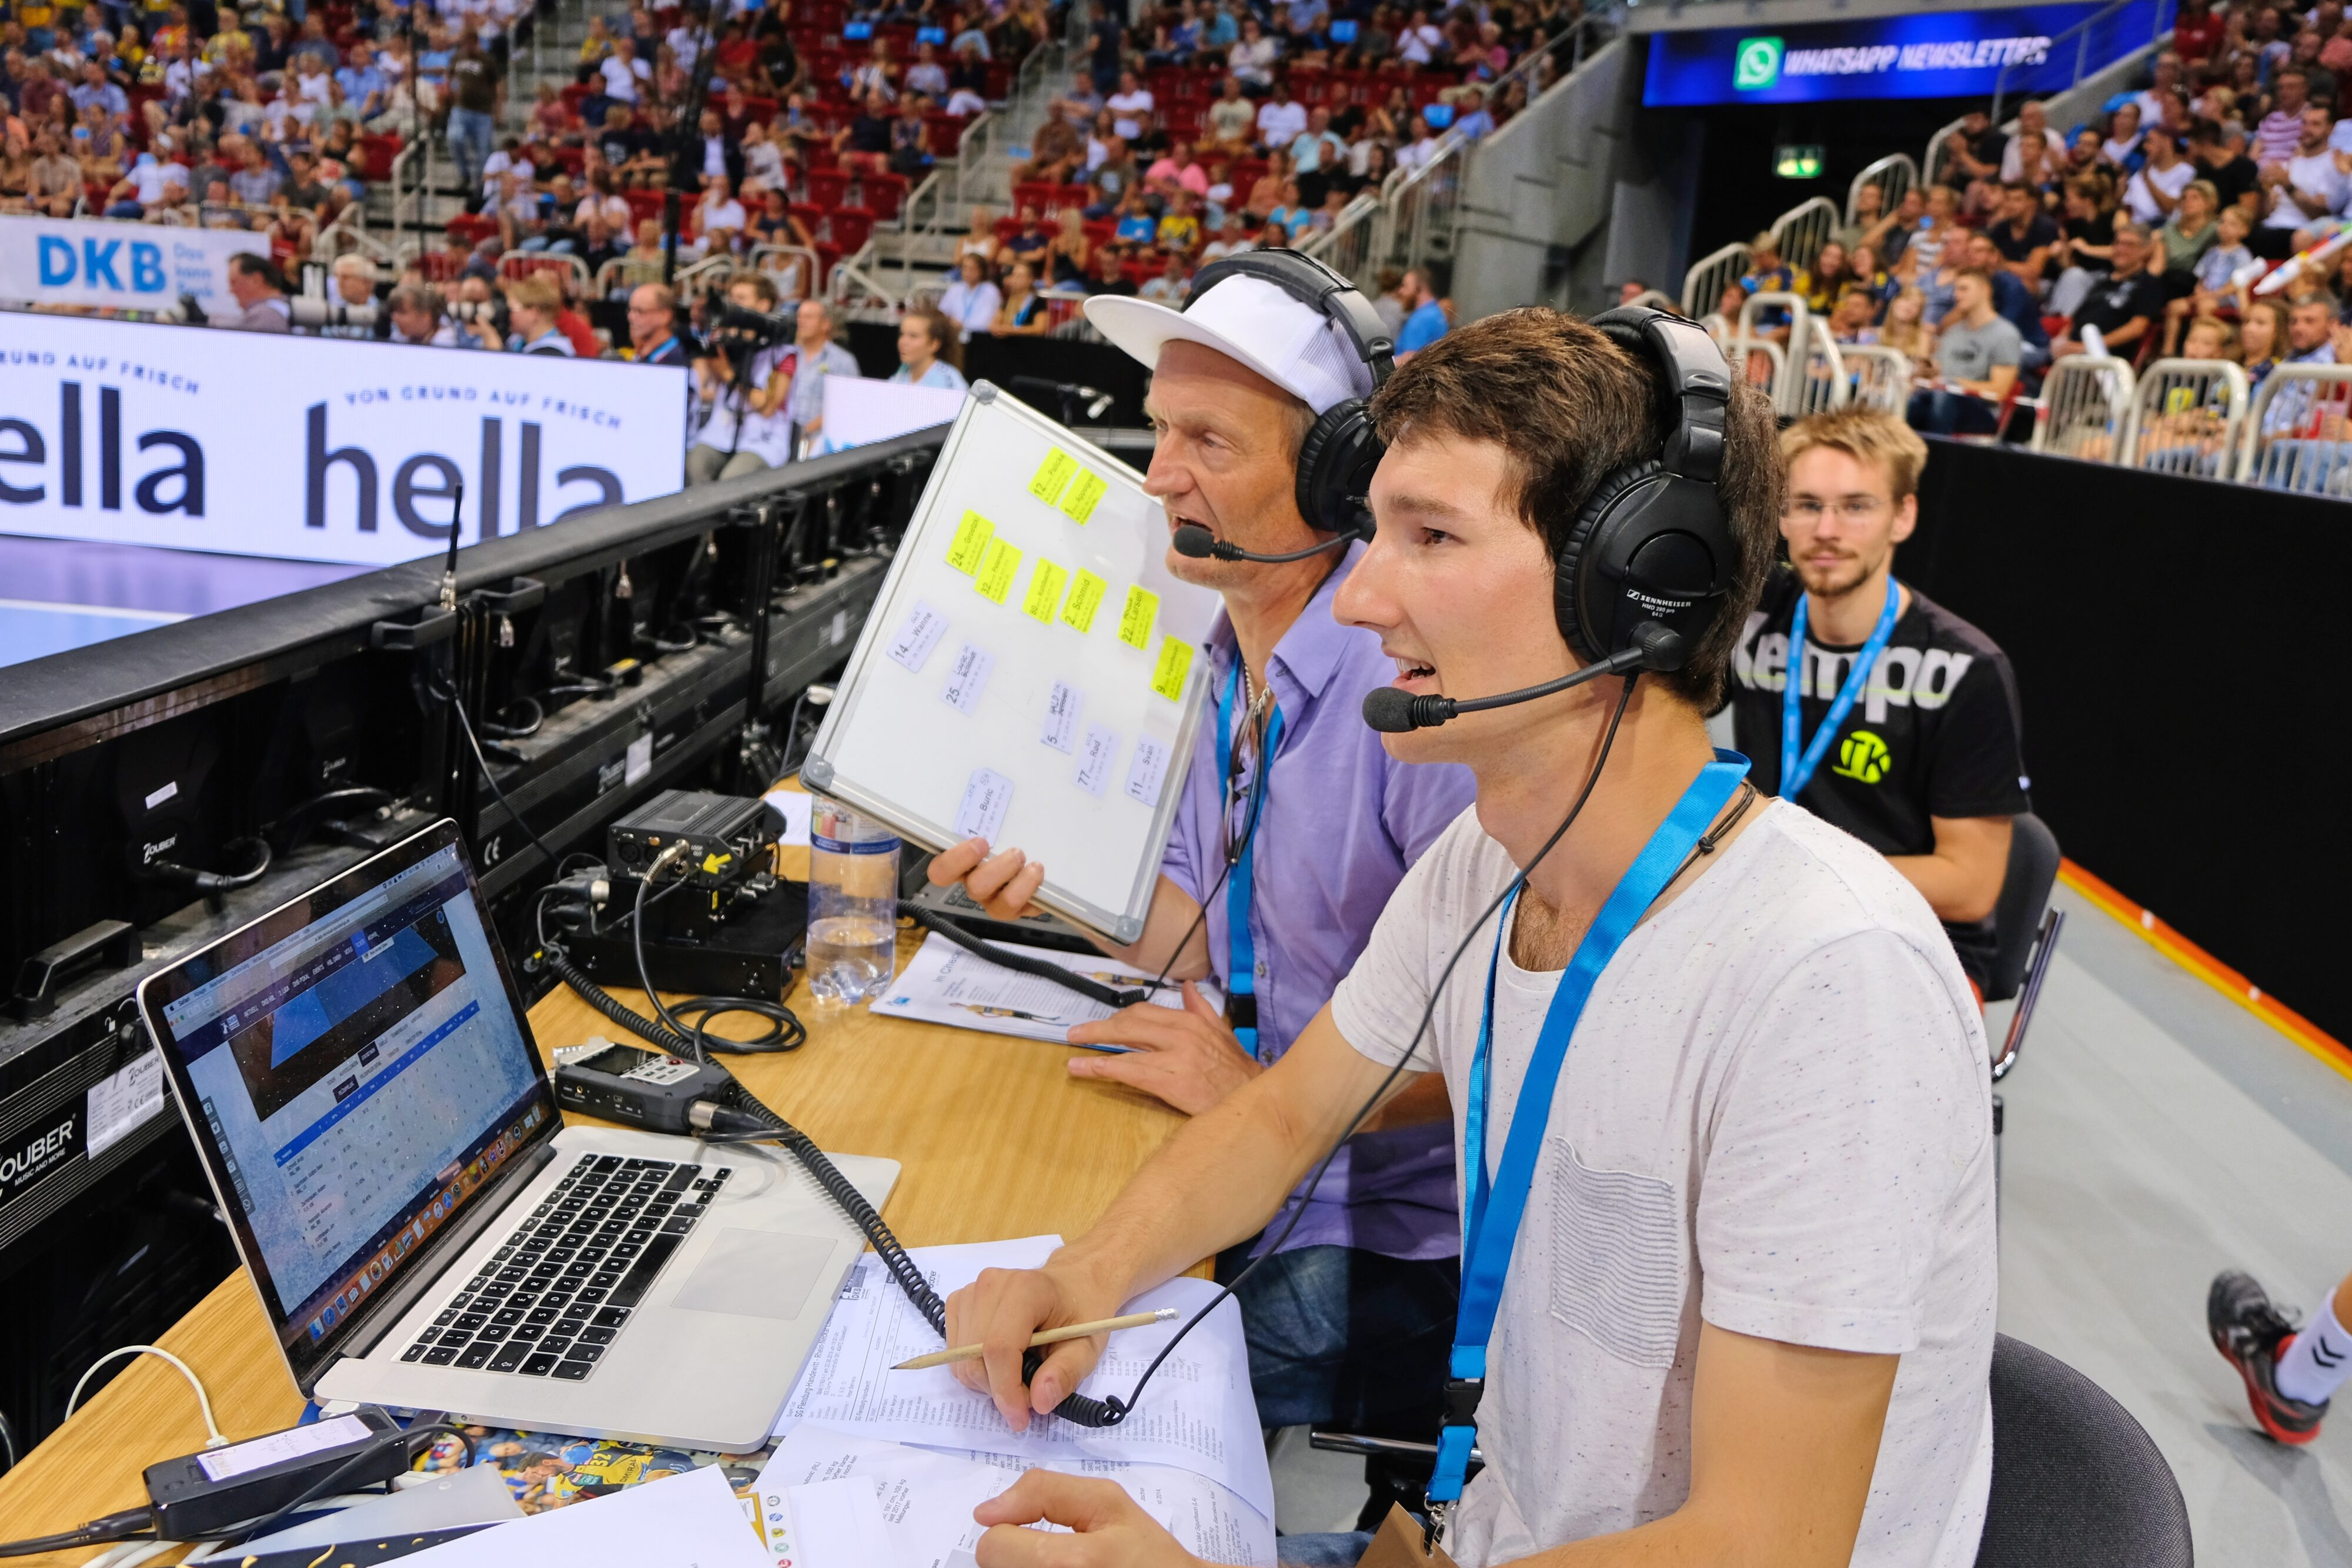 Zwei Audiodeskriptionsreporter sitzen an einem langen Tisch, jeder von ihnen hat ein Headset auf. Auf dem Tisch steht ein Laptop. Im Hintergrund viele Menschen auf in einer Halle mit steil nach oben laufenden Zuschauerrängen.